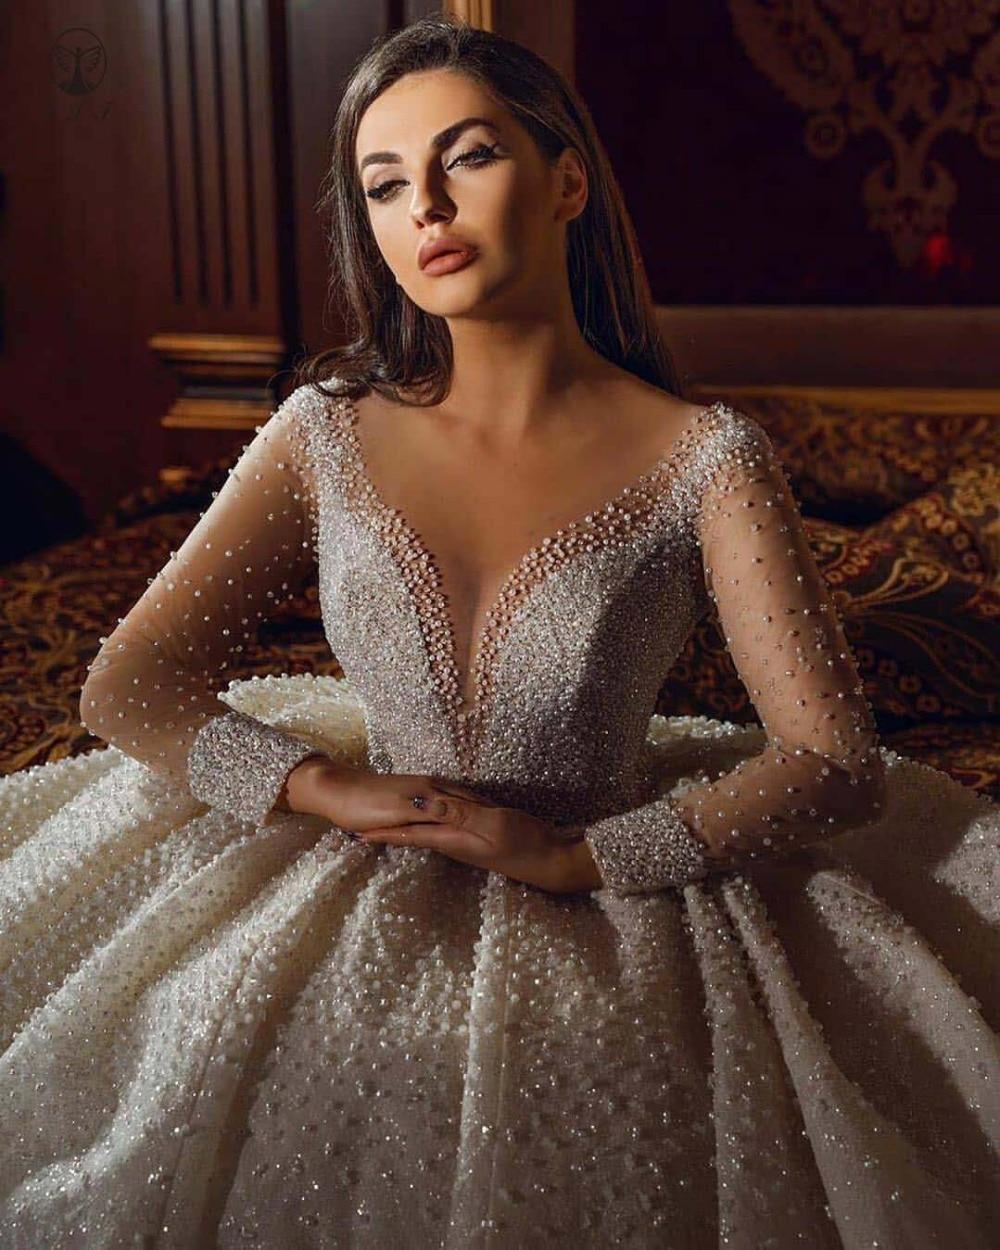 فستان زفاف فاخر مزين باللؤلؤ ، أكمام طويلة ، دانتيل ، مقاس كبير ، وهم الرقبة ، ثوب الكرة ، فستان الزفاف العربي ، 2021